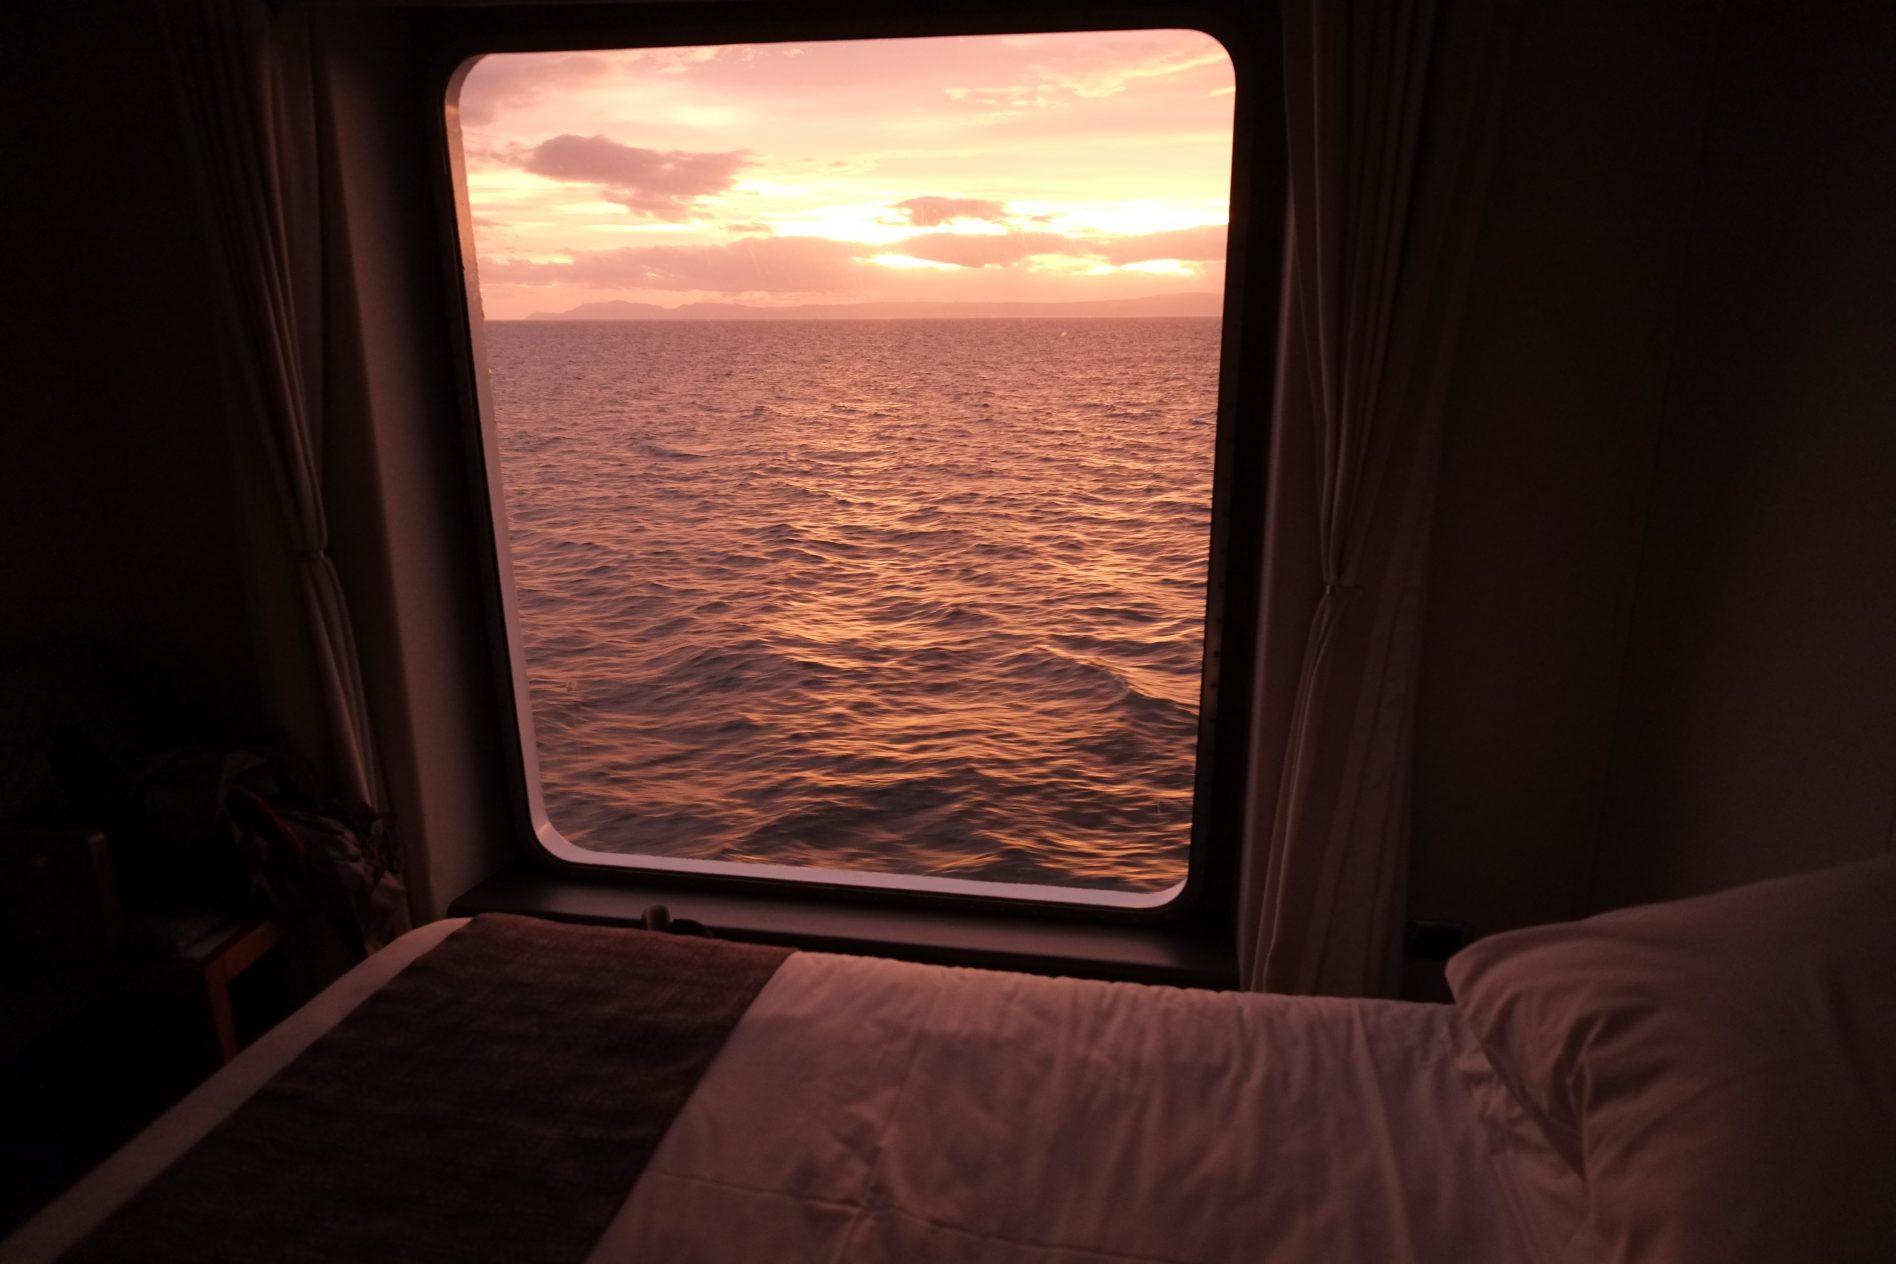 Un superbe coucher de soleil sur le détroit de Magellan